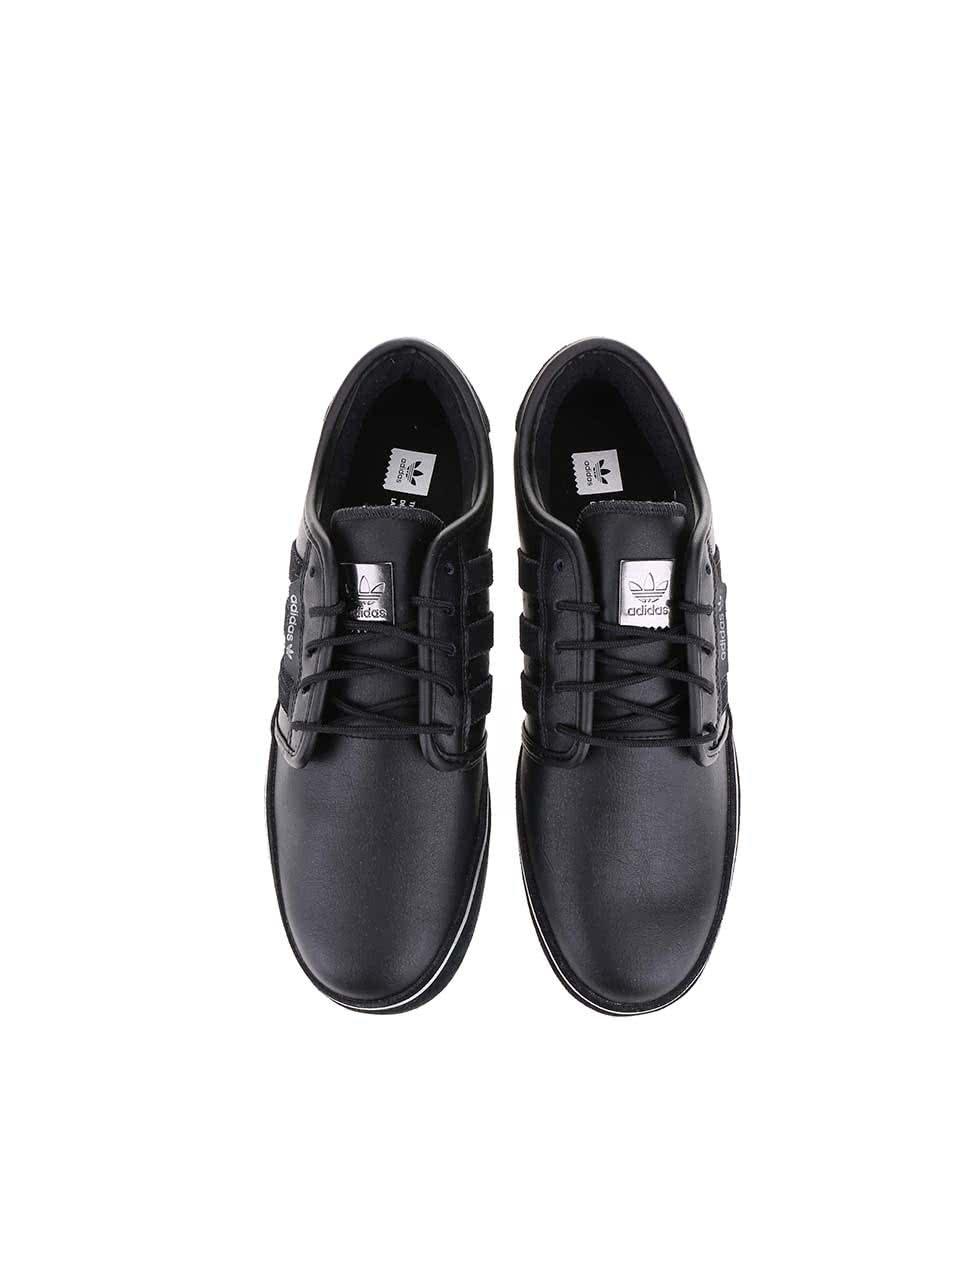 Černé pánské kožené tenisky adidas Originals Seeley ... 6ef493a34ed